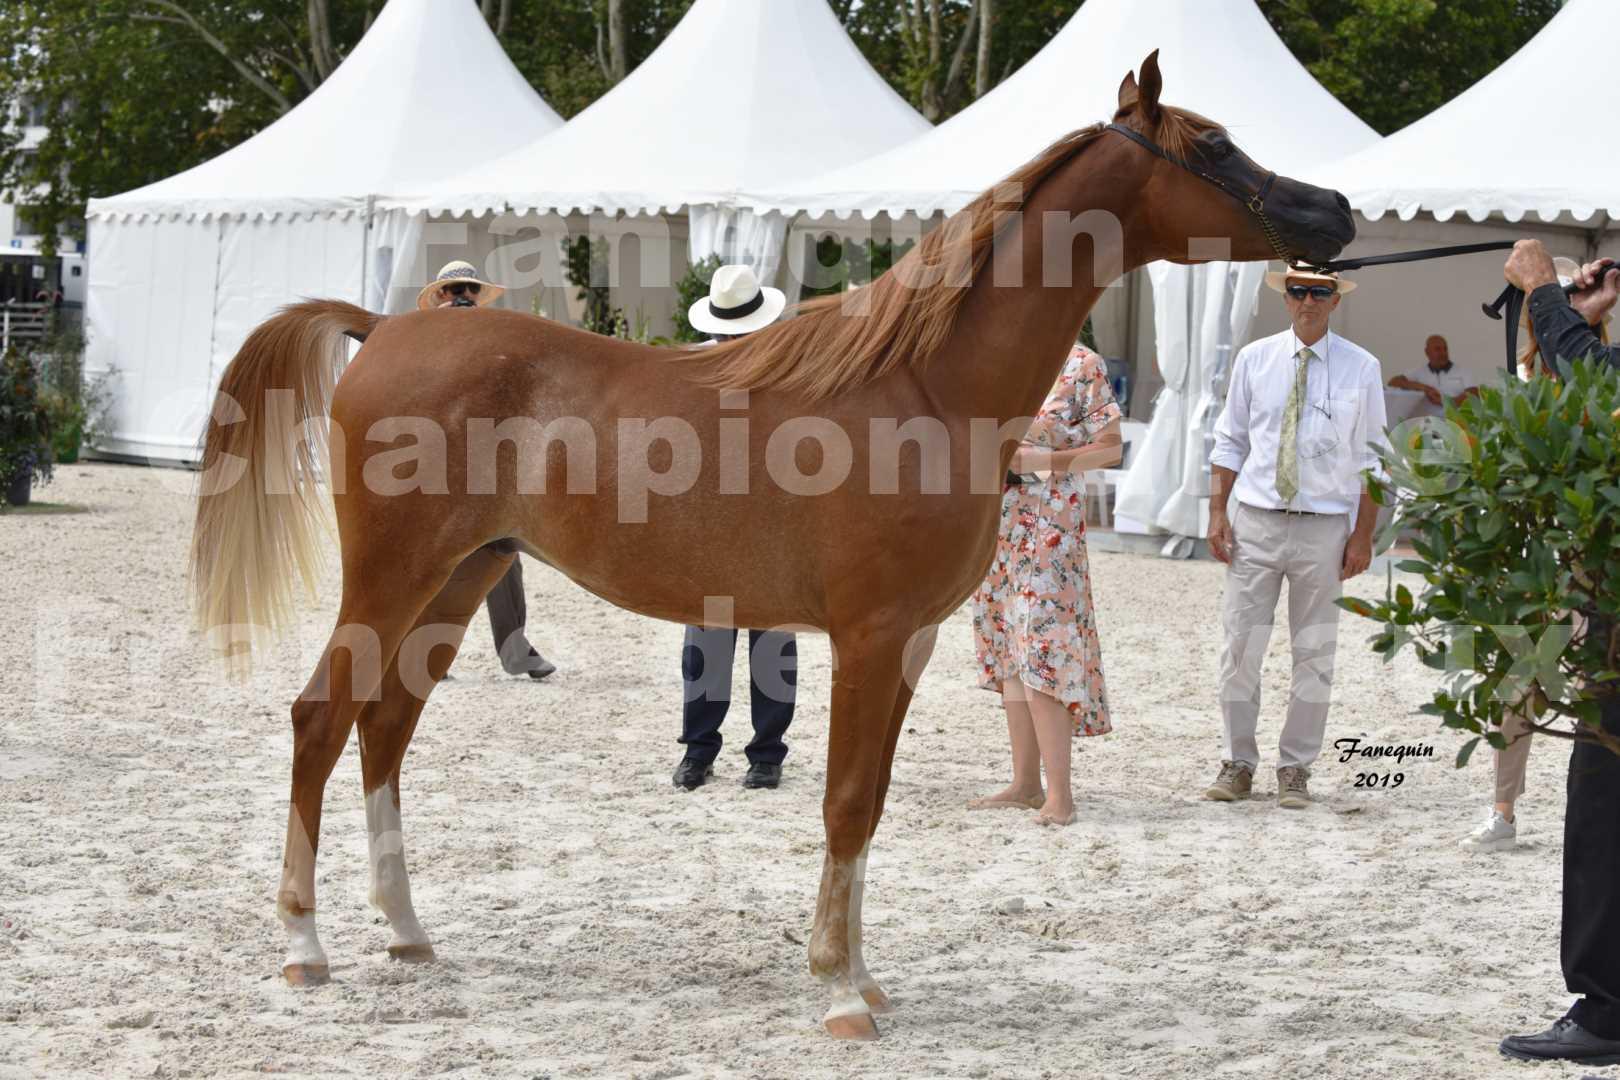 Championnat de France des chevaux Arabes en 2019 à VICHY - NILMANI SH - 6